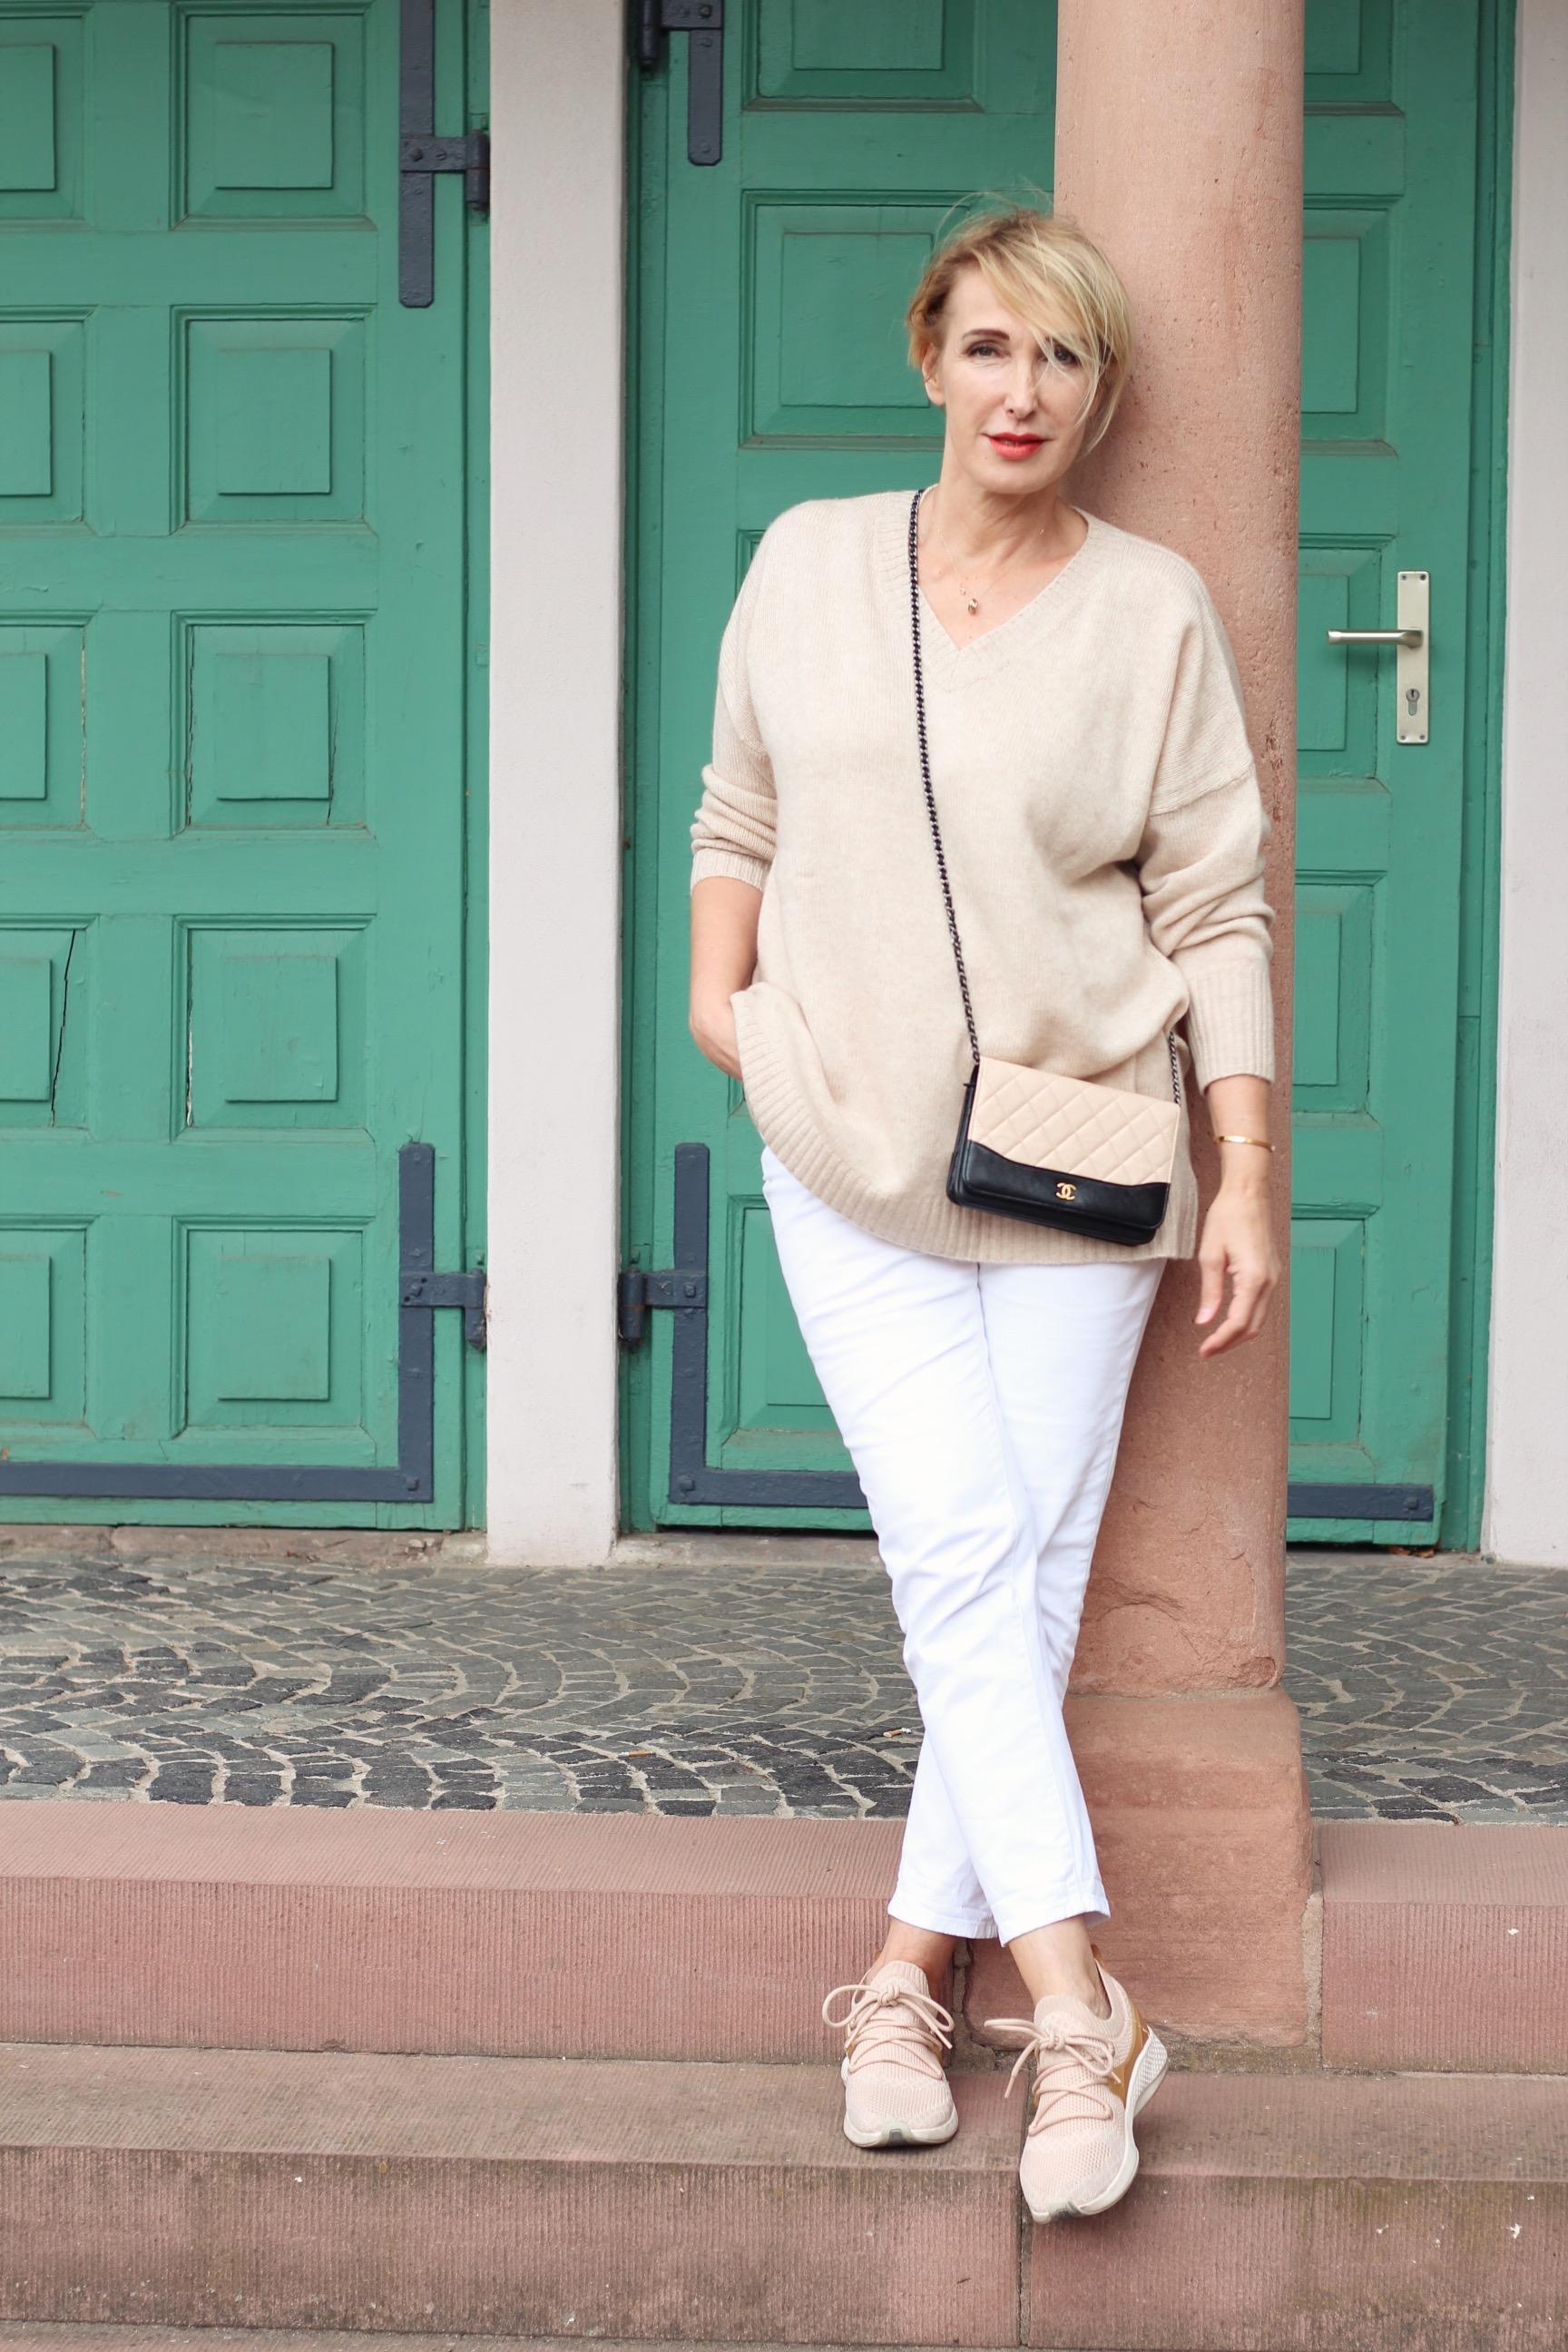 glamupyourlifestyle minx-fashion pullover herbst-trends ü-40-blog ue-40-blog deutsche-modedesigne